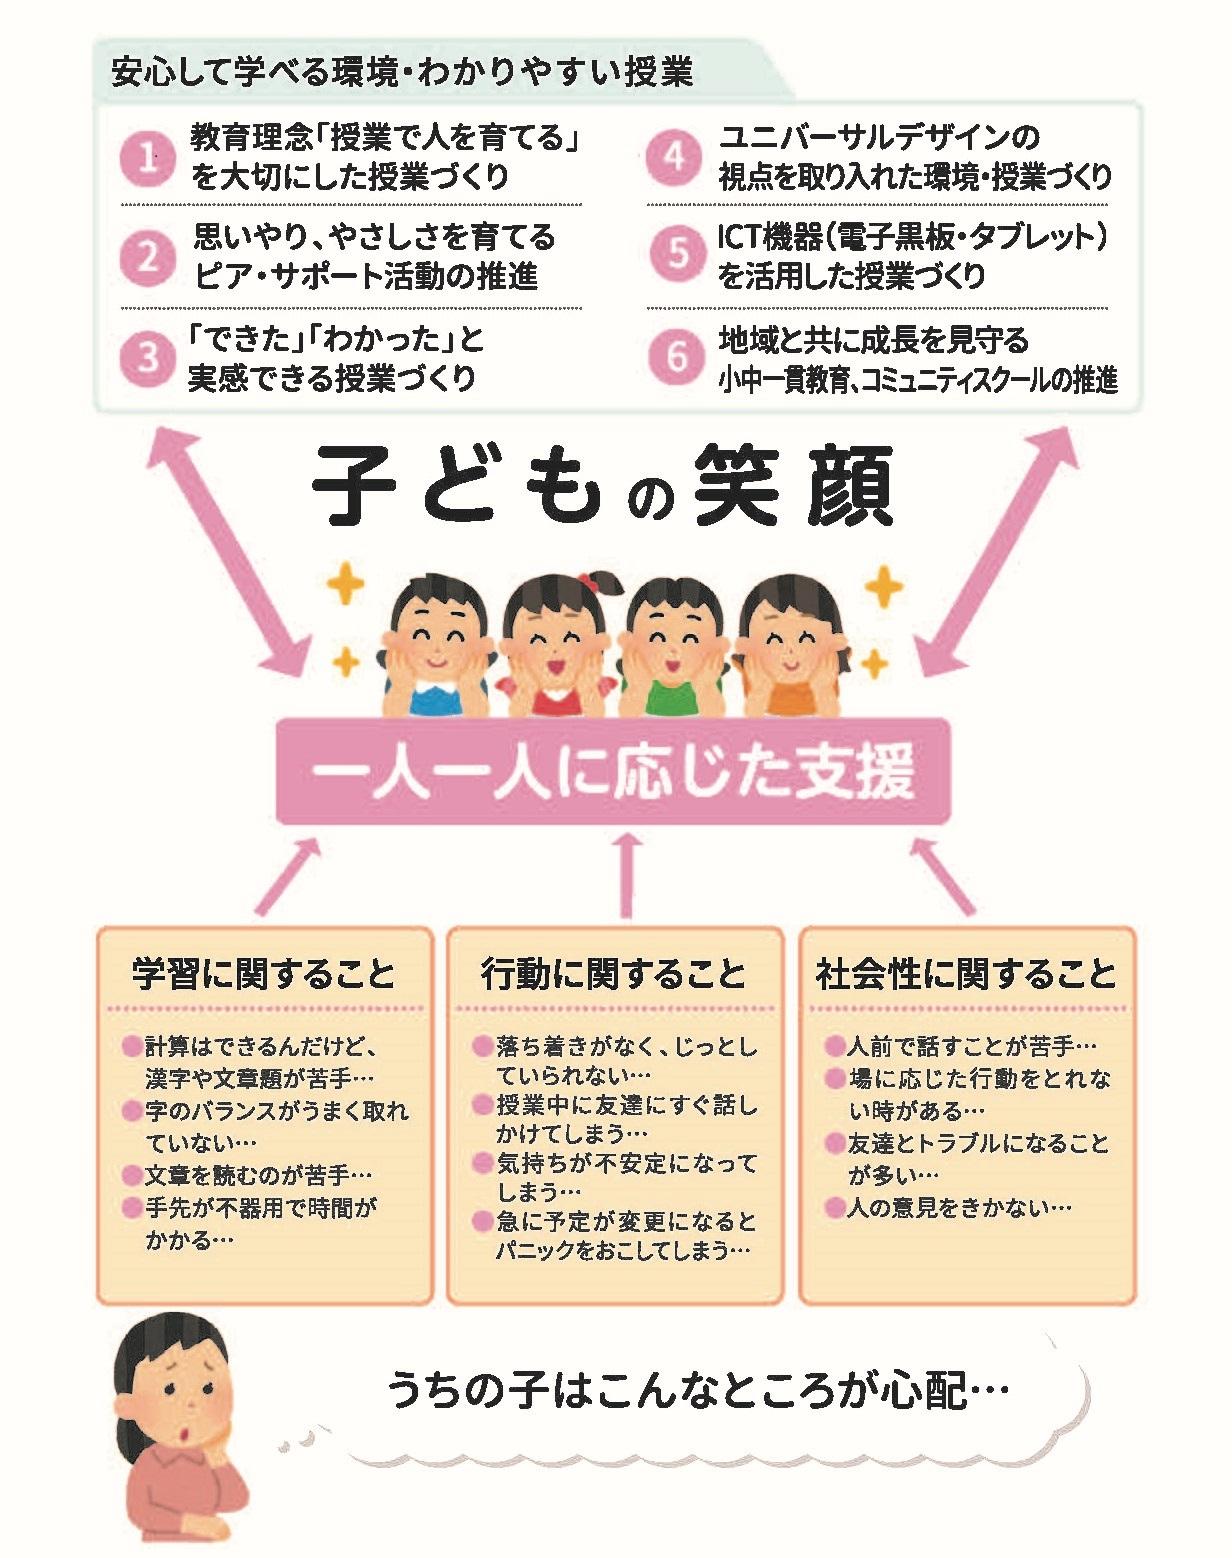 みんなが笑顔になるために「藤枝市の特別支援教育」/藤枝市ホームページ